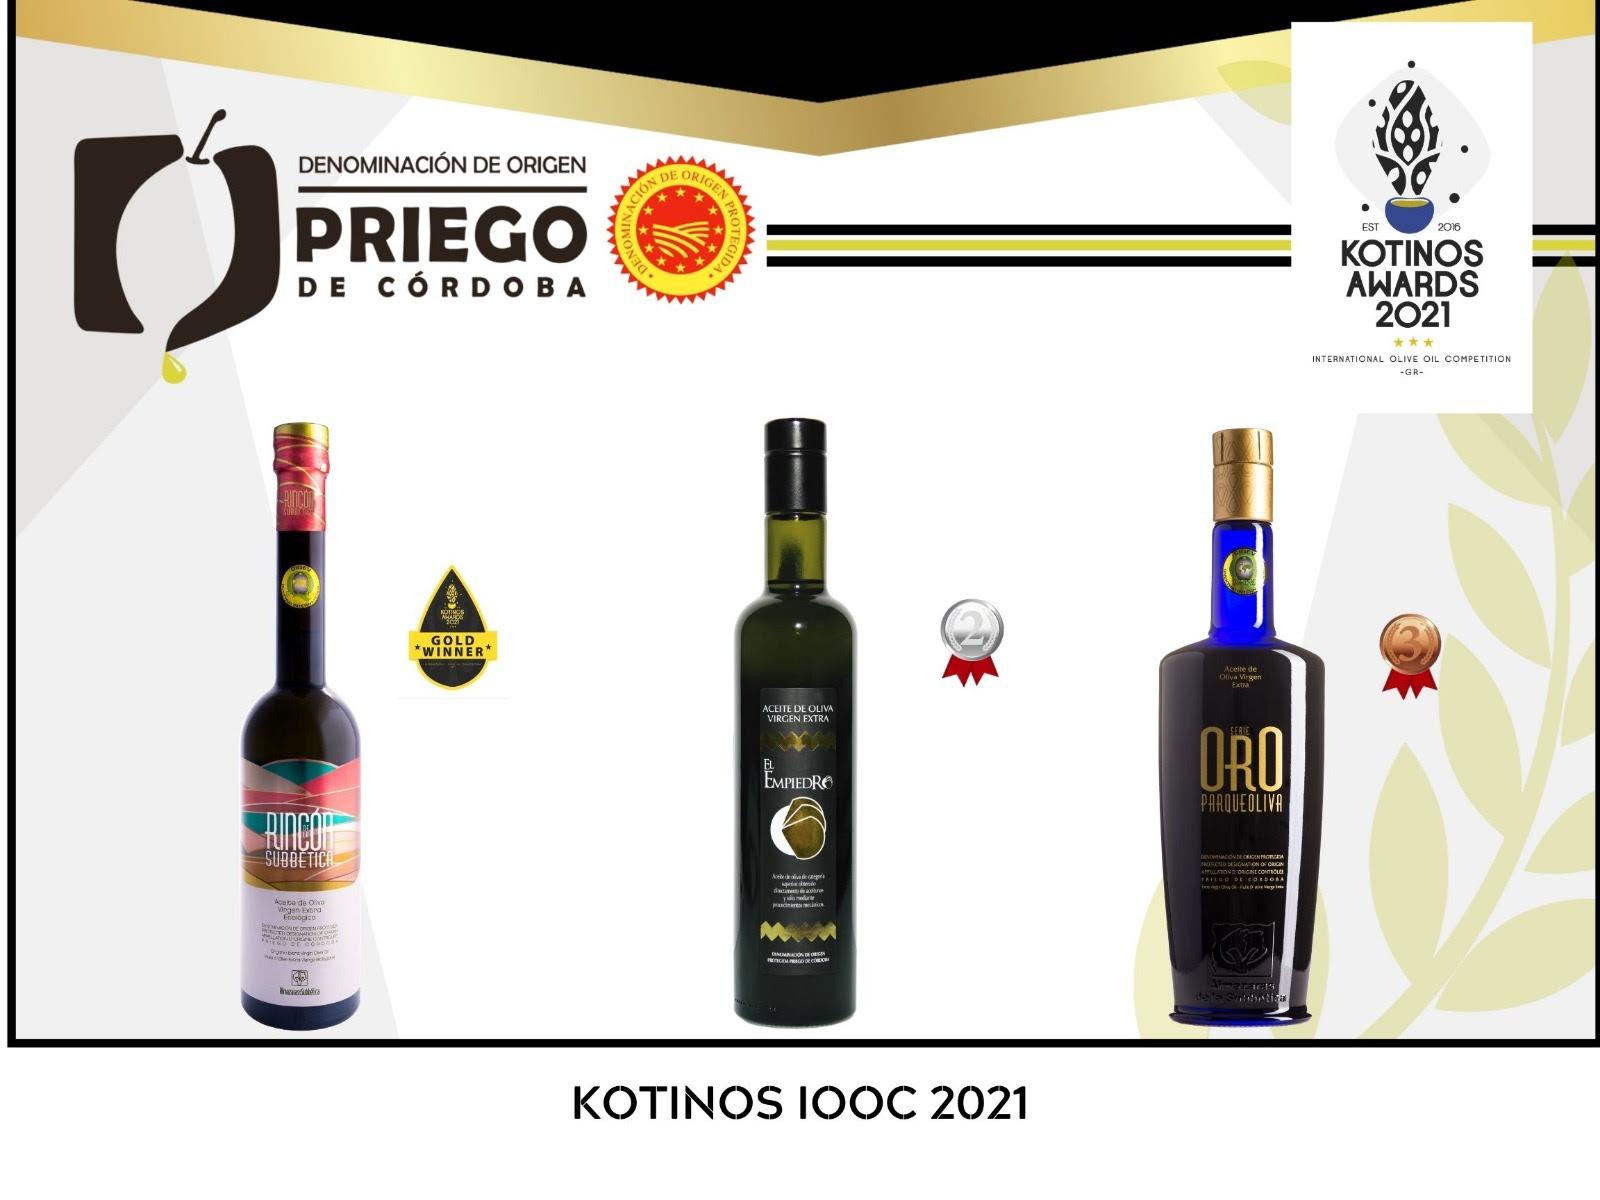 Premios KOTINOS 2021